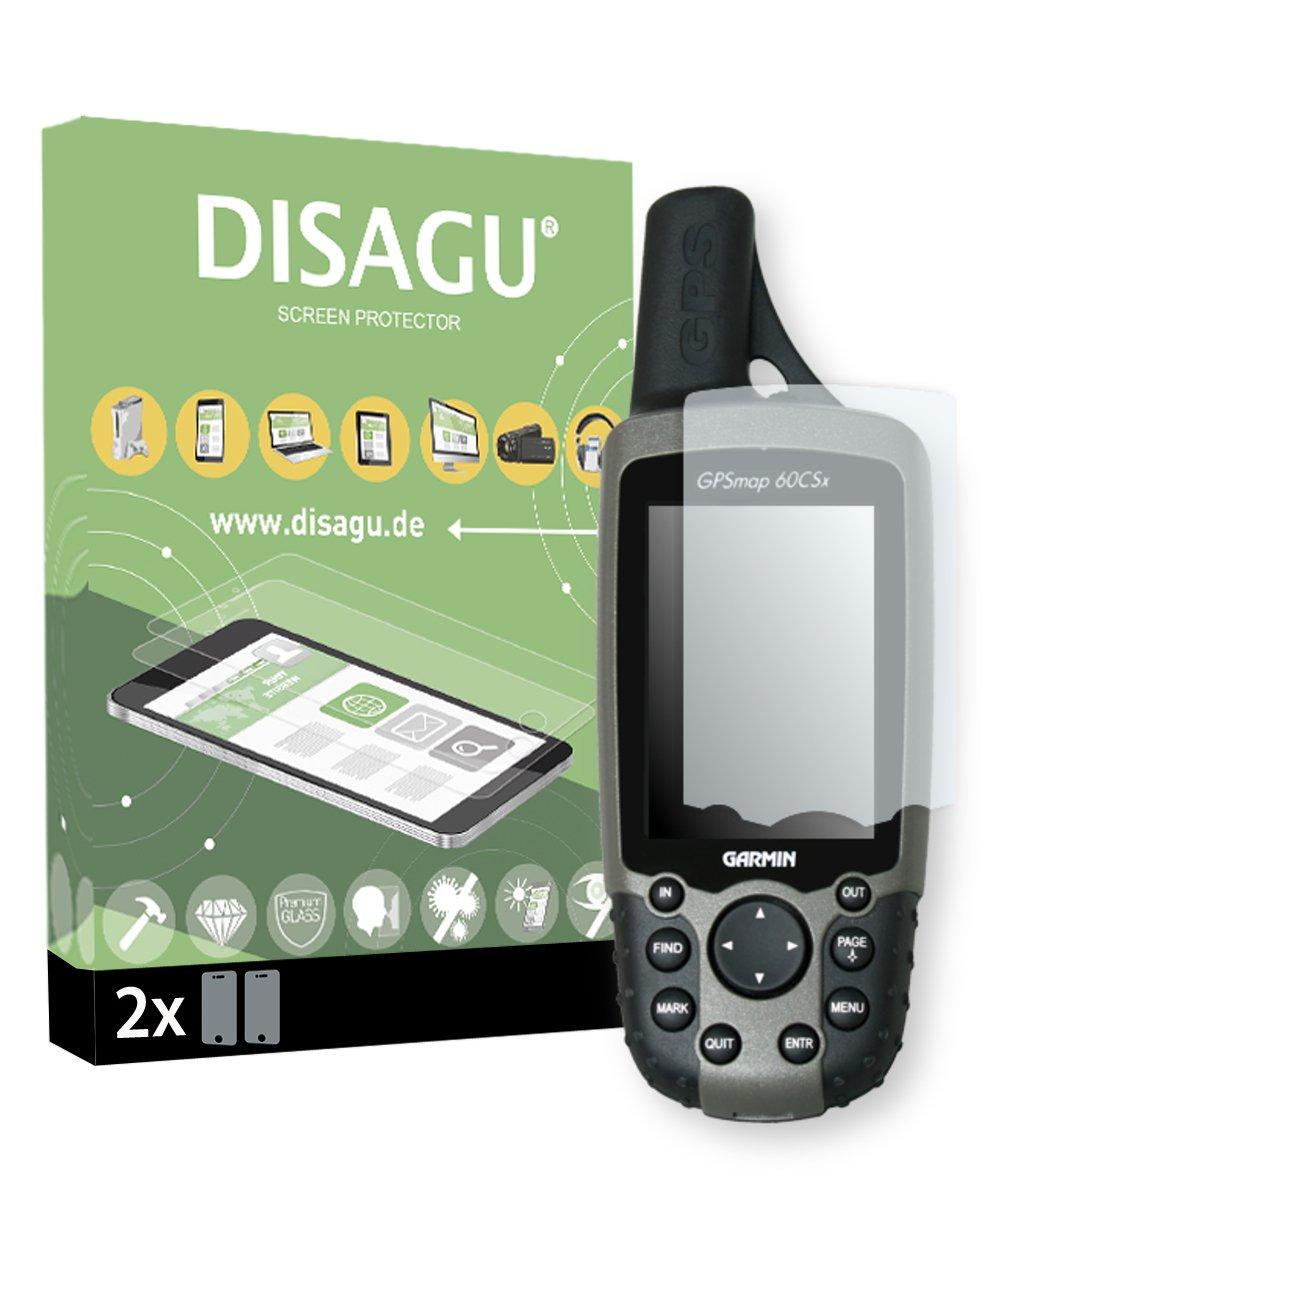 DISAGU Garmin GPSMAP 60 CSX Protection d'écran - 2X Souple Tempered Glass pour Garmin GPSMAP 60 CSX Protection en Verre Dureté du Verre 9H